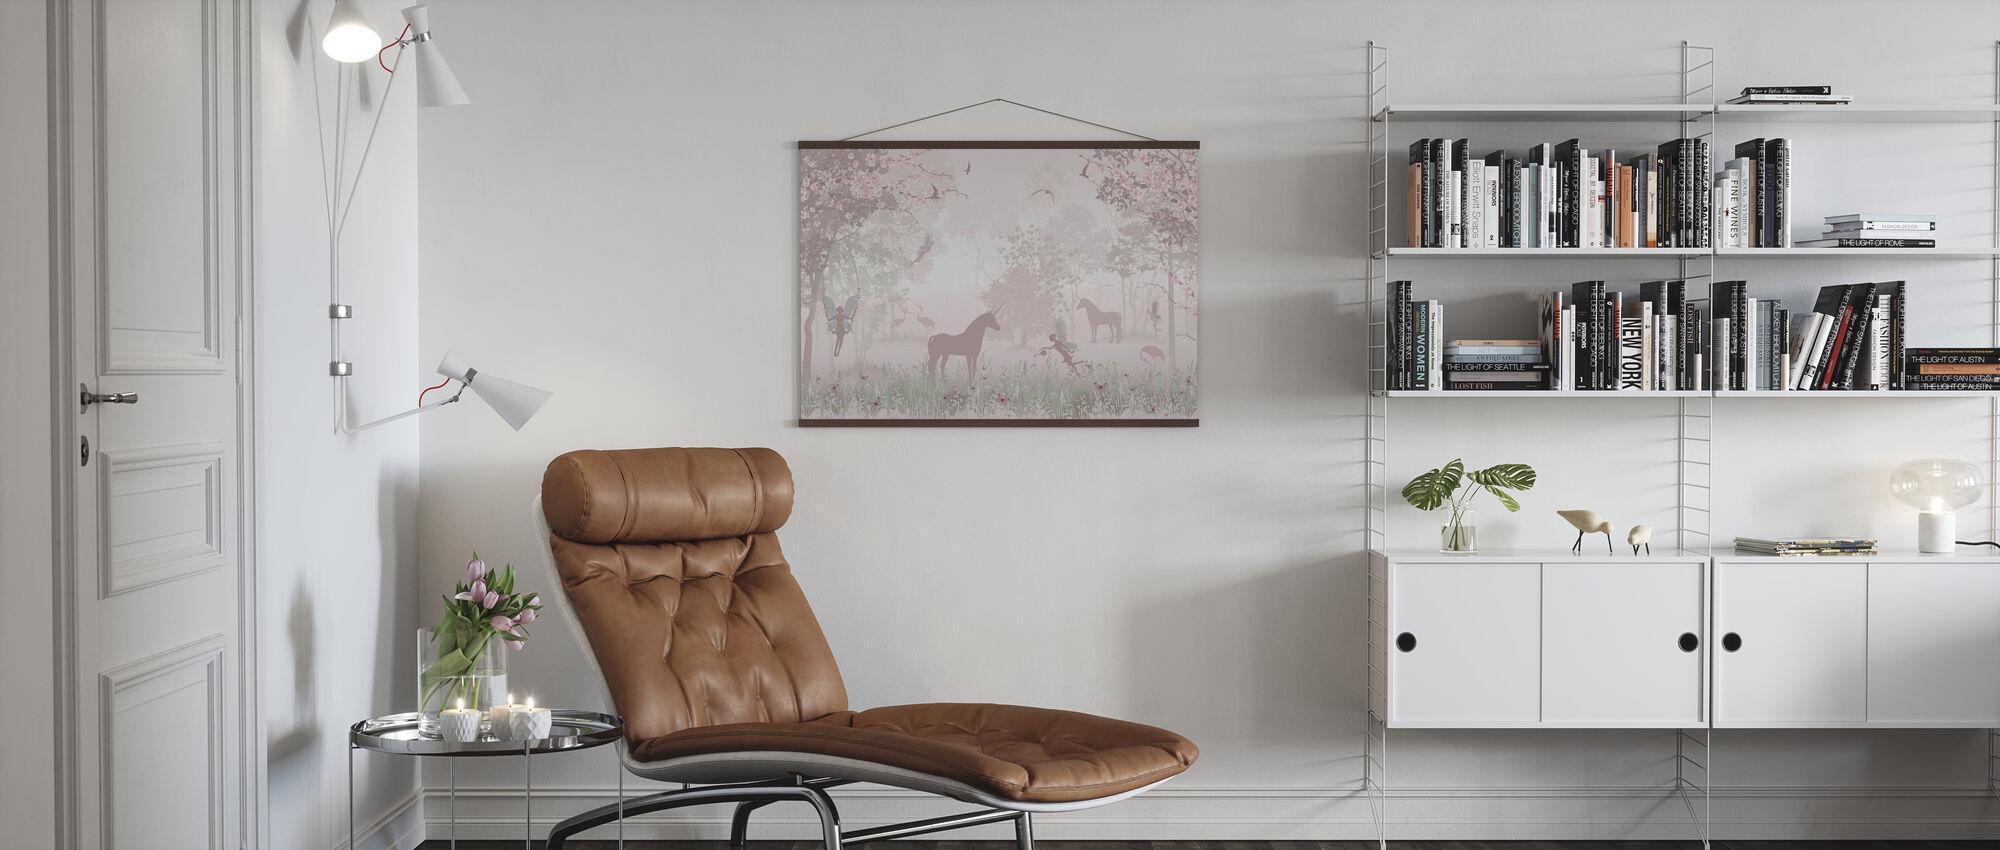 Einhörner und Feen - Poster - Wohnzimmer